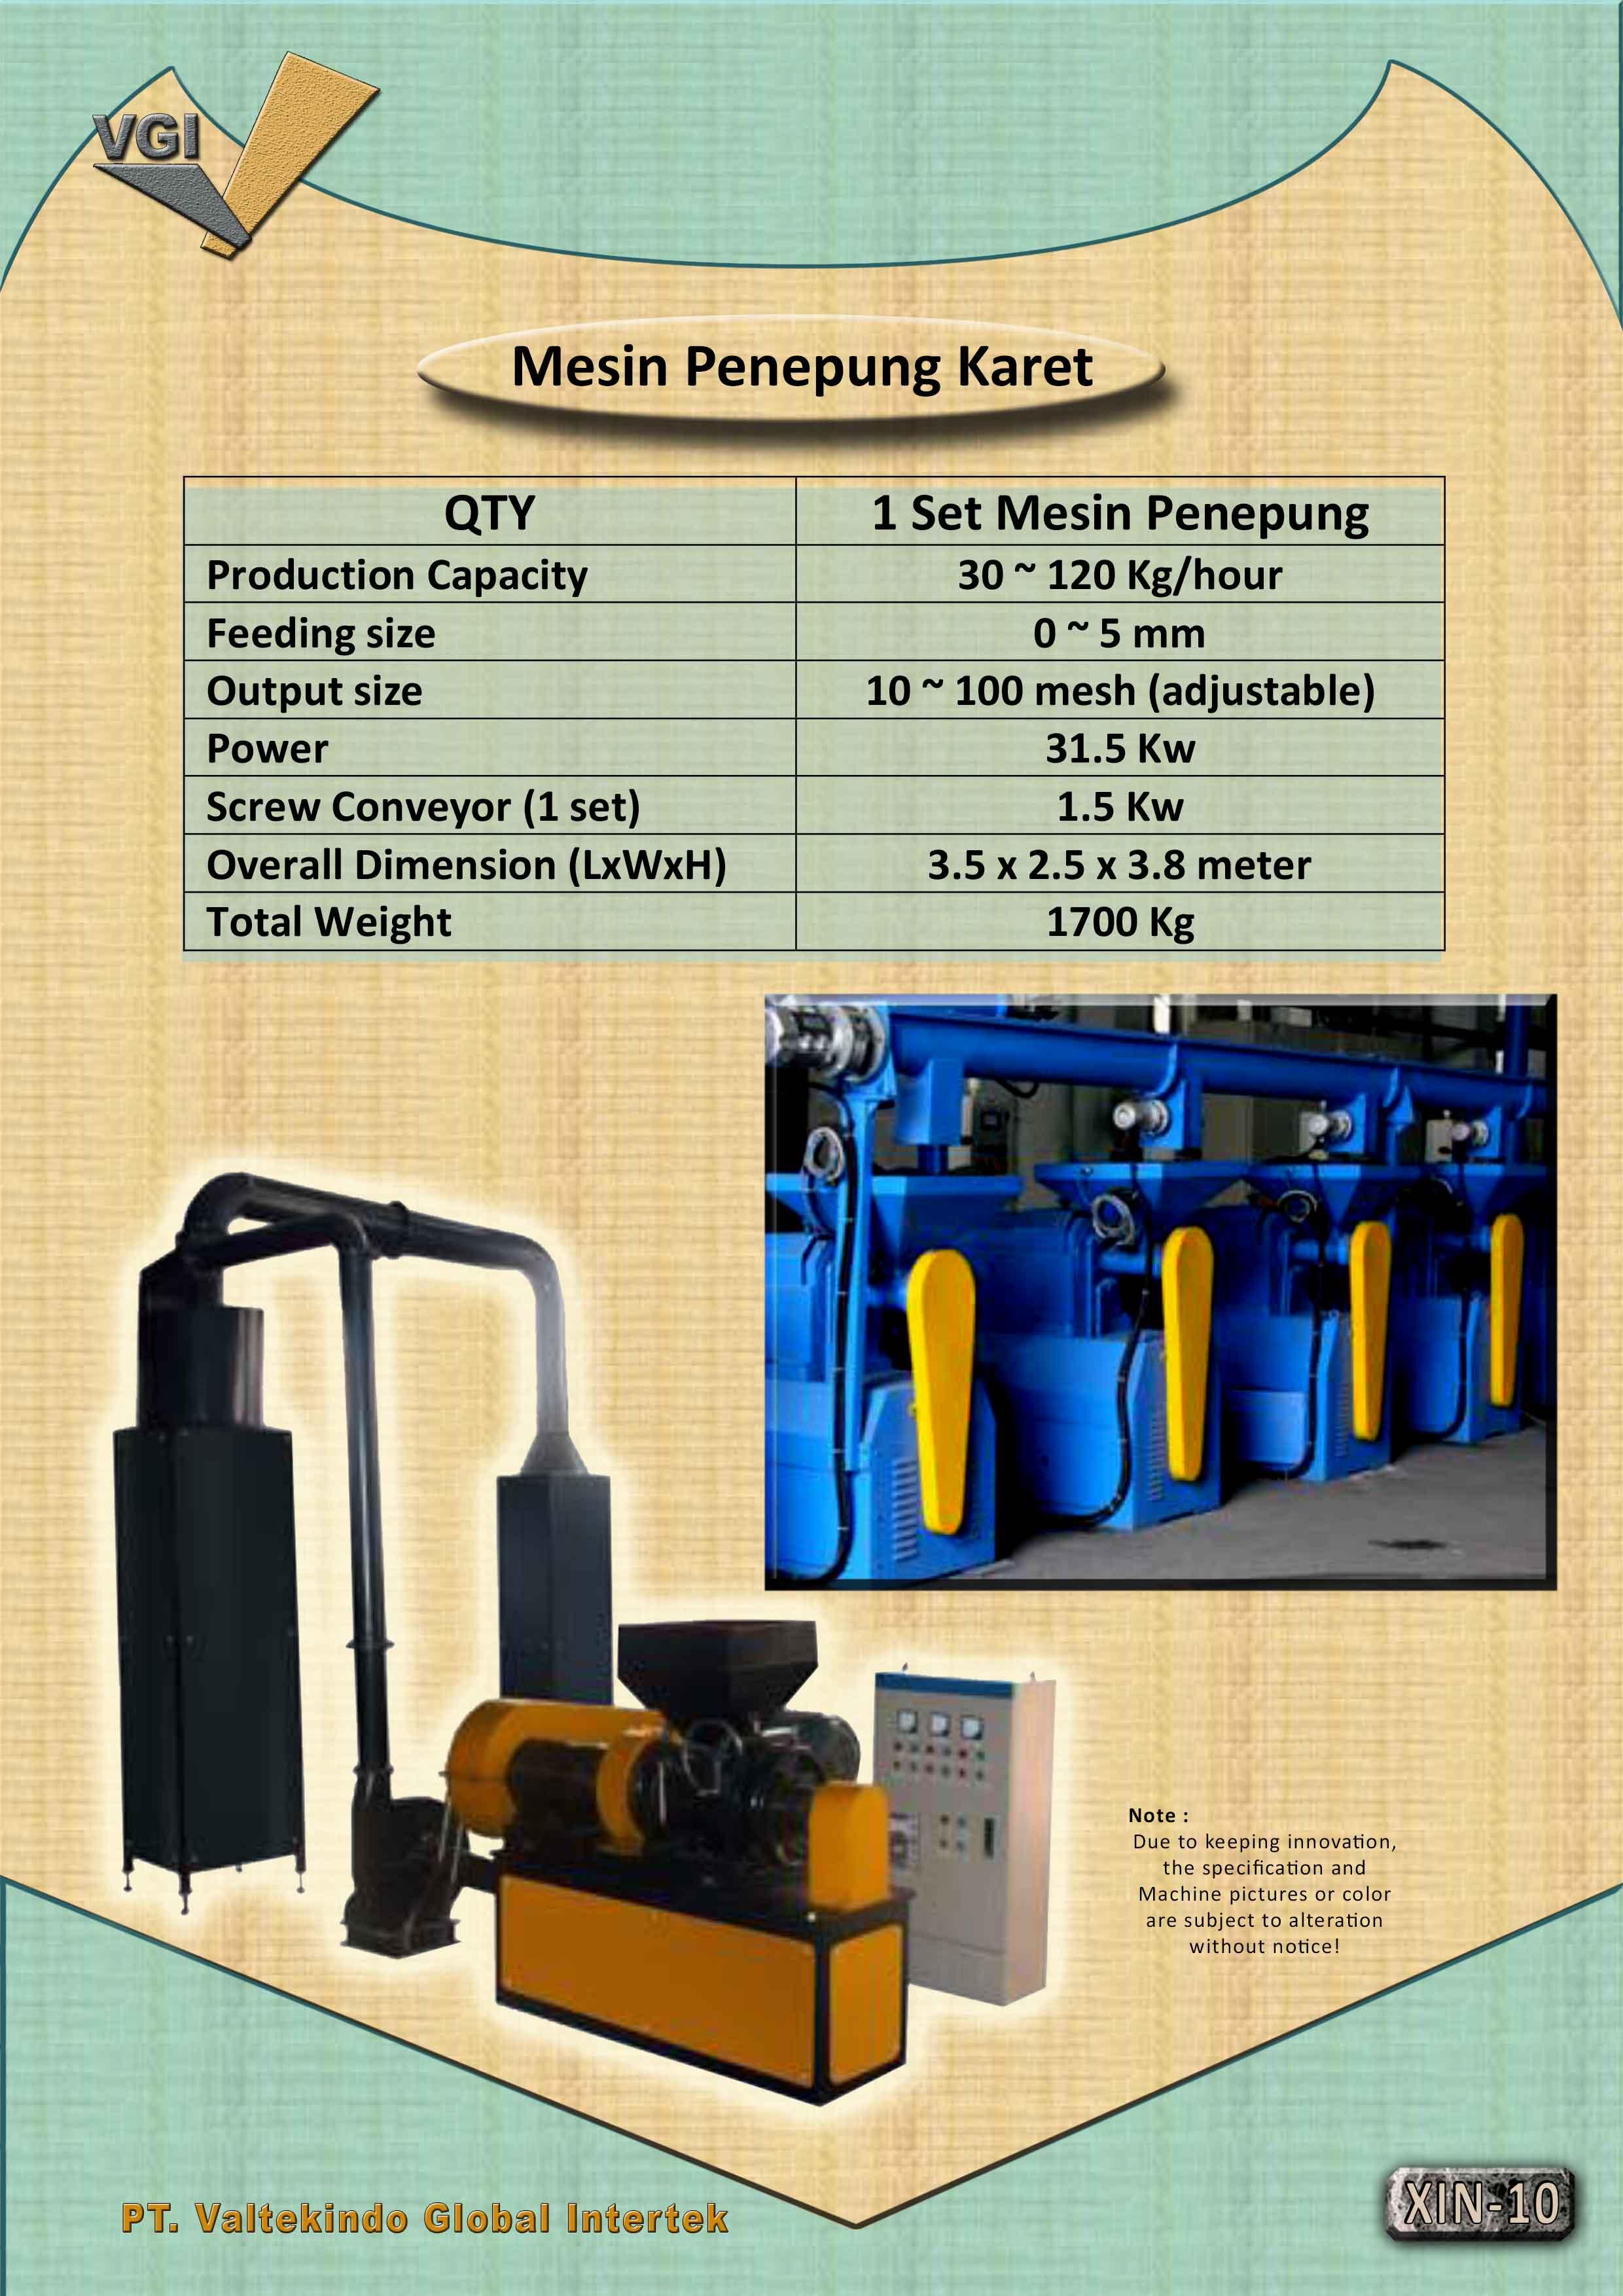 jual mesin, harga mesin, jual mesin bandung, distributor mesin, jual mesin karet, daur ulang karet, daur ulang plastik, mesin pertanian Mesin Penepung Karet Mesin Penepung Karet